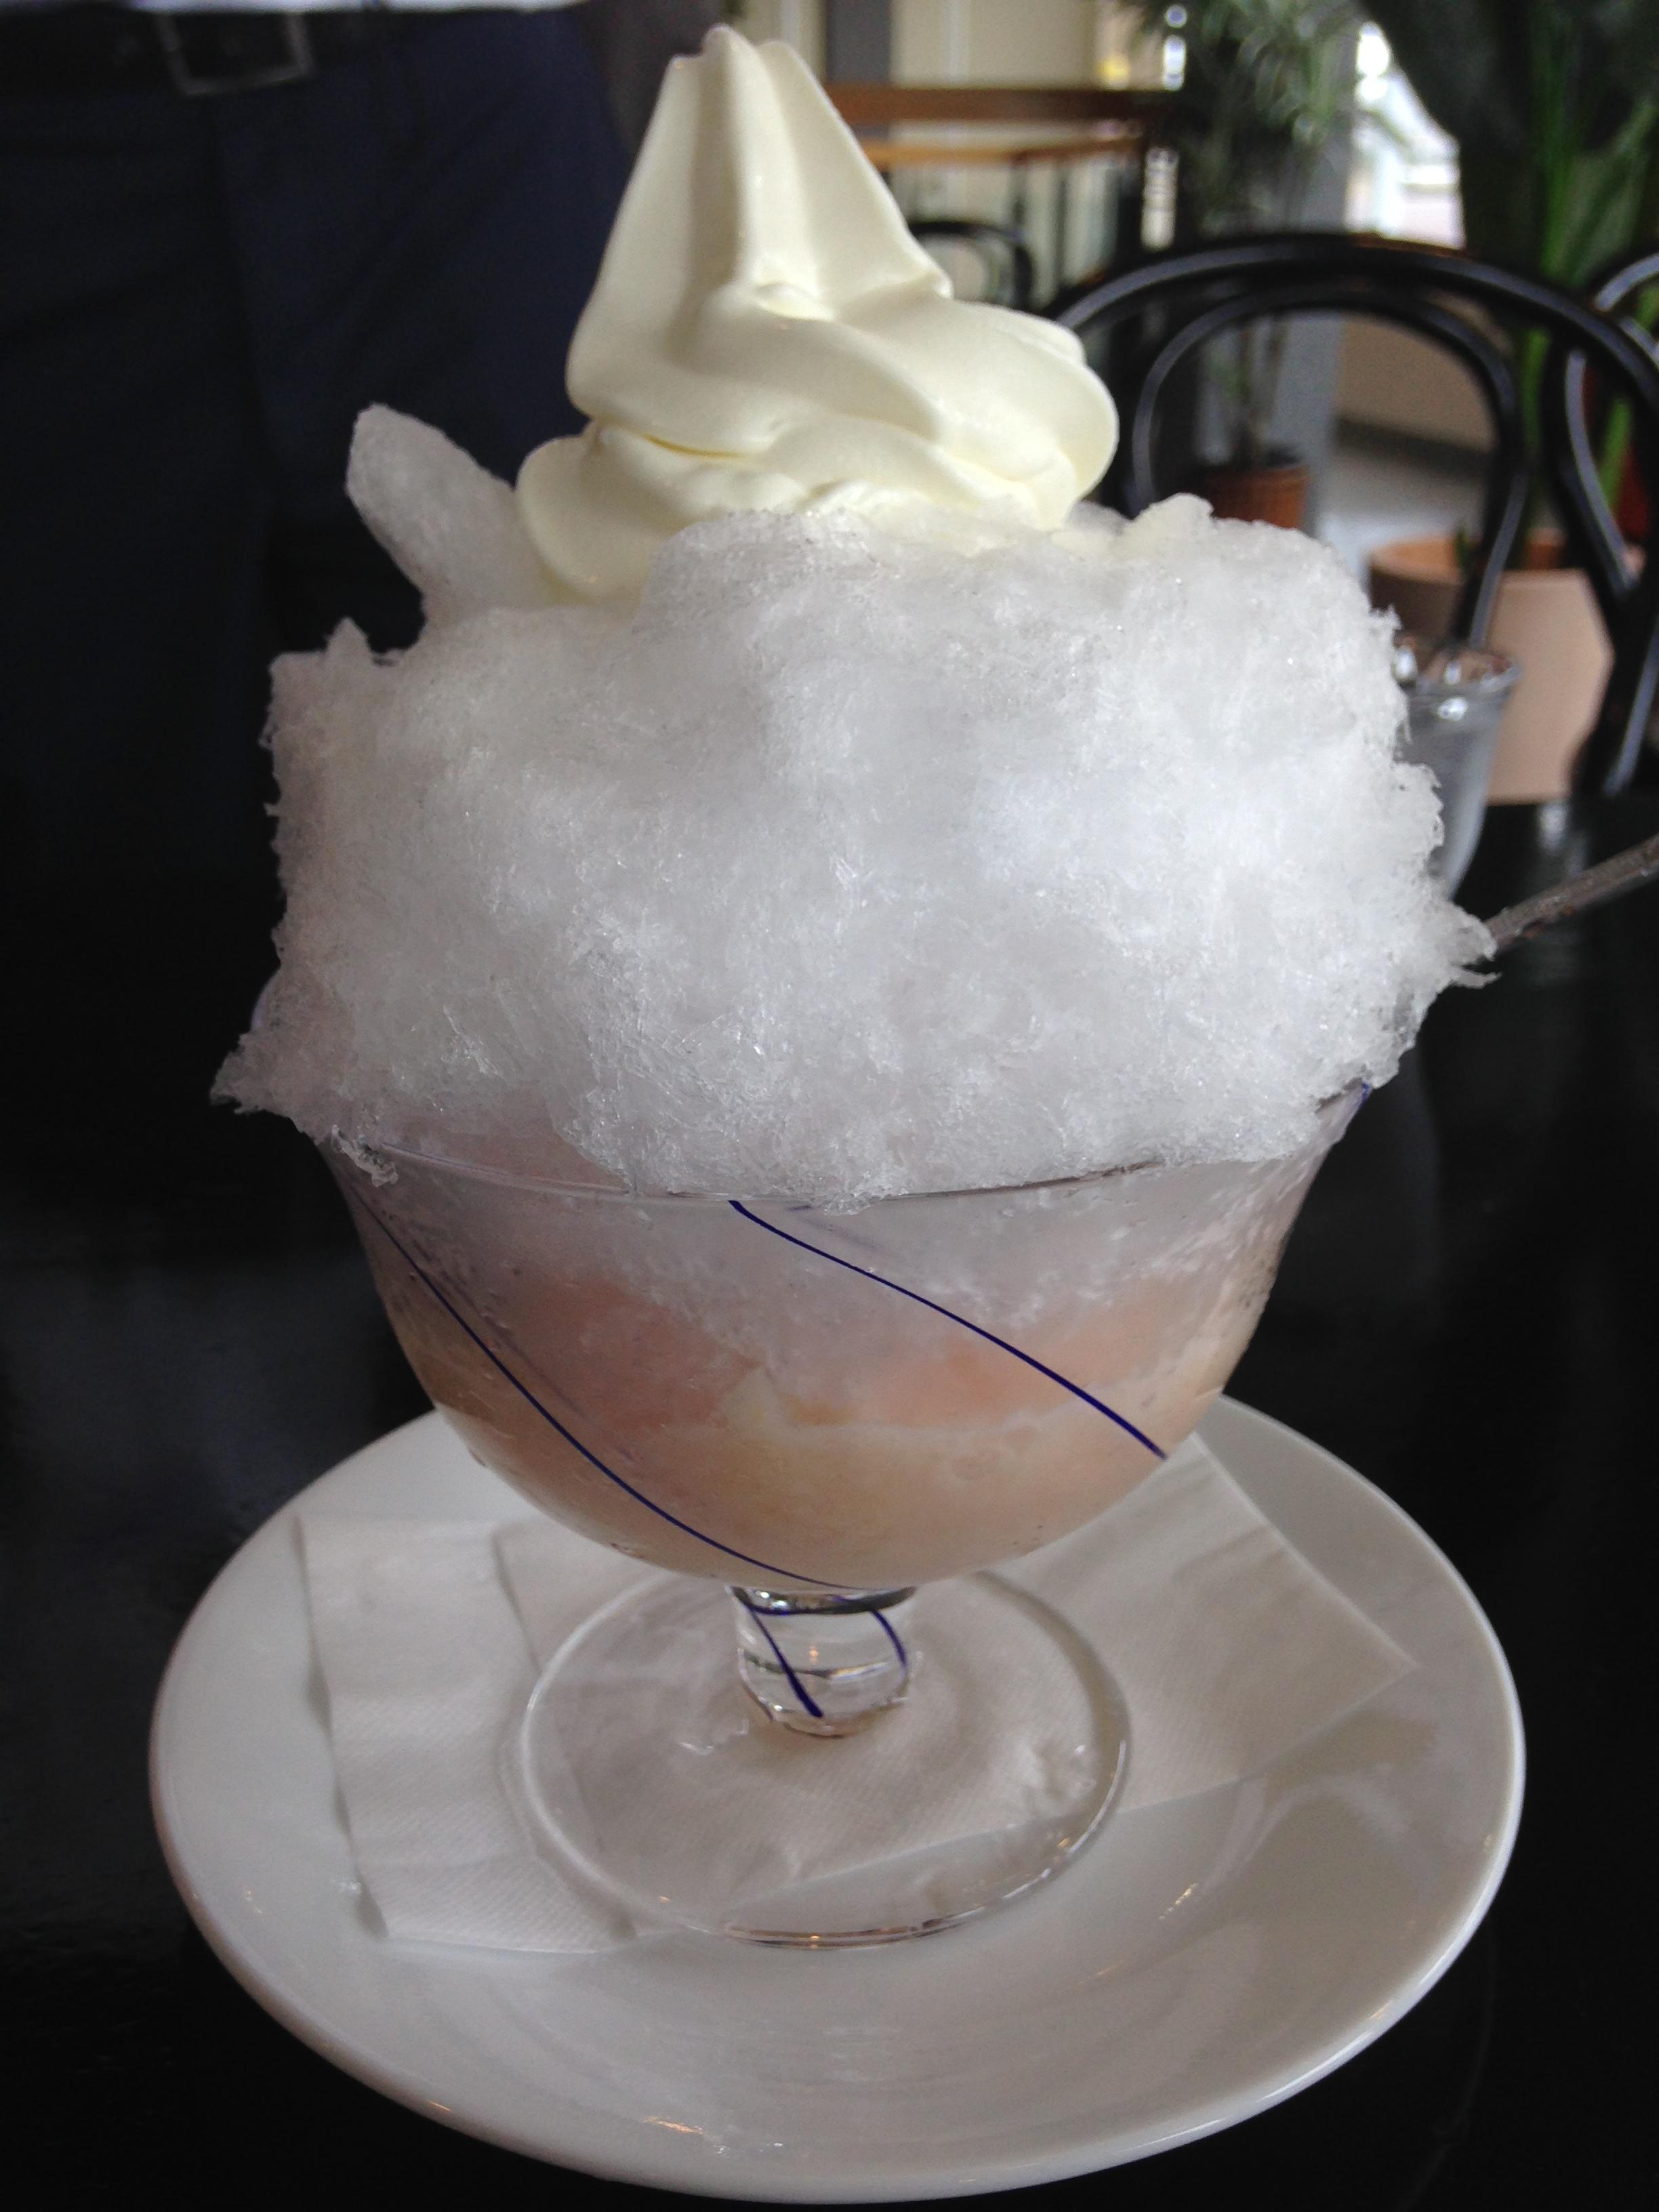 人造添加物的桃子刨冰,色泽清凉与健康。